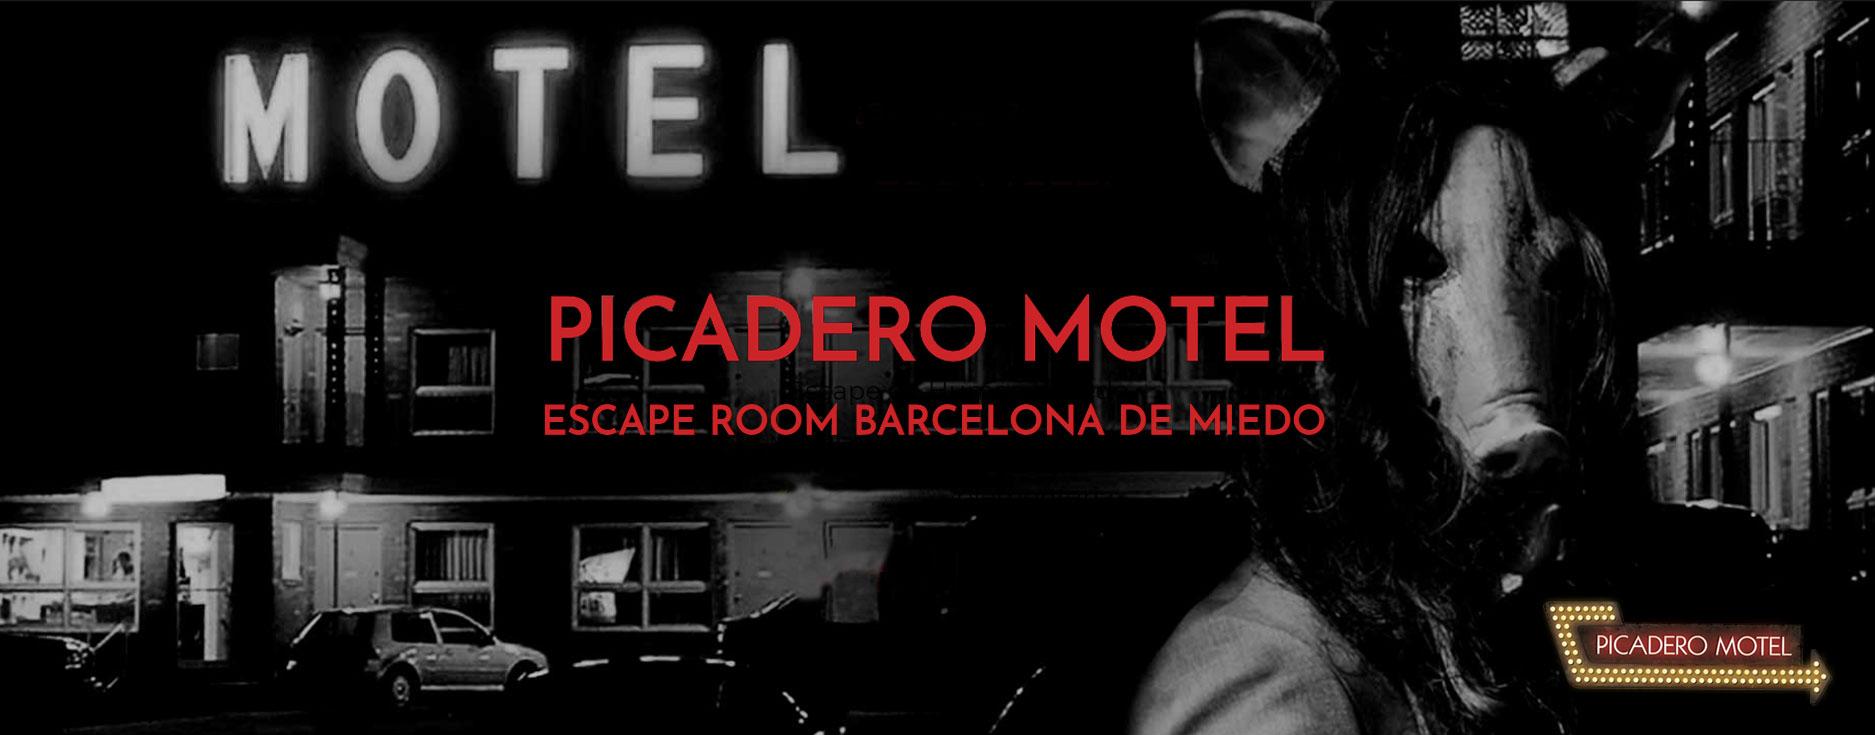 picadero motel escape room